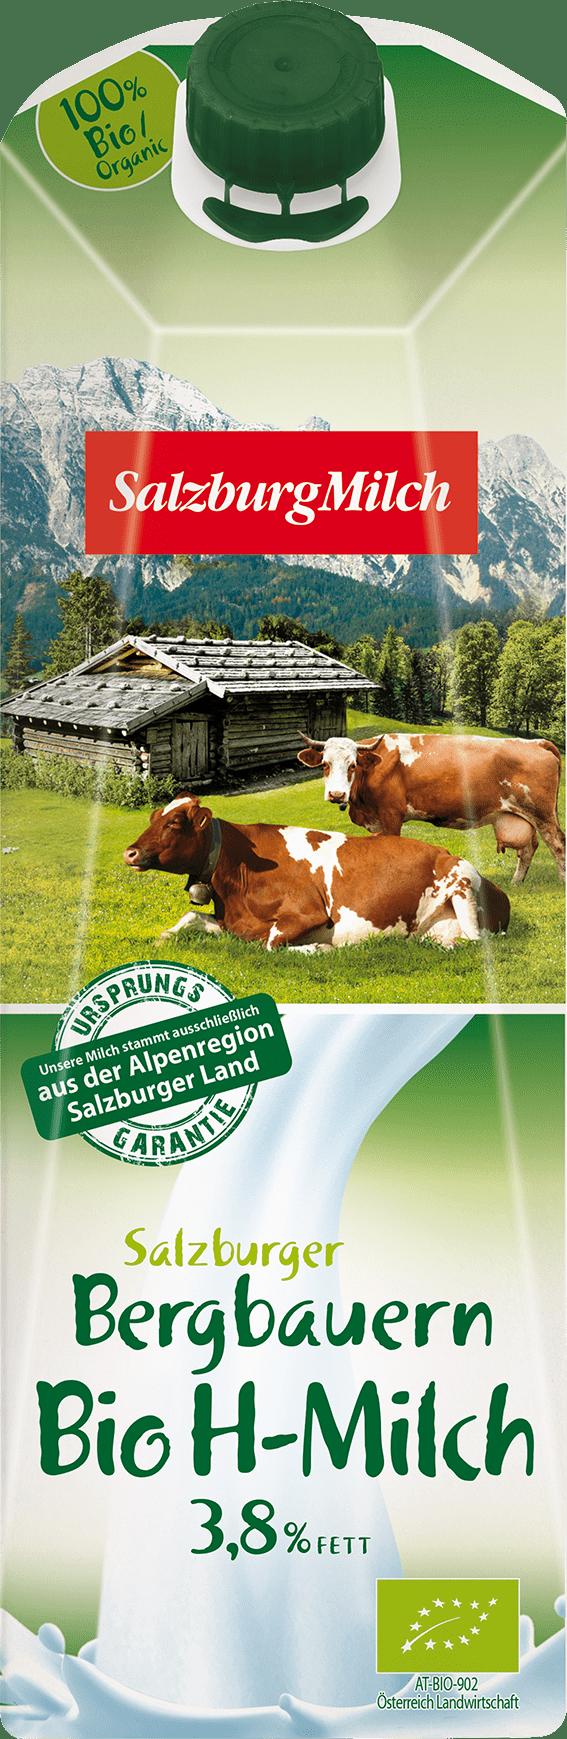 SalzburgMilch Salzburger Bergbauern Bio H-Milch 3,8% 1 Liter 12x1l